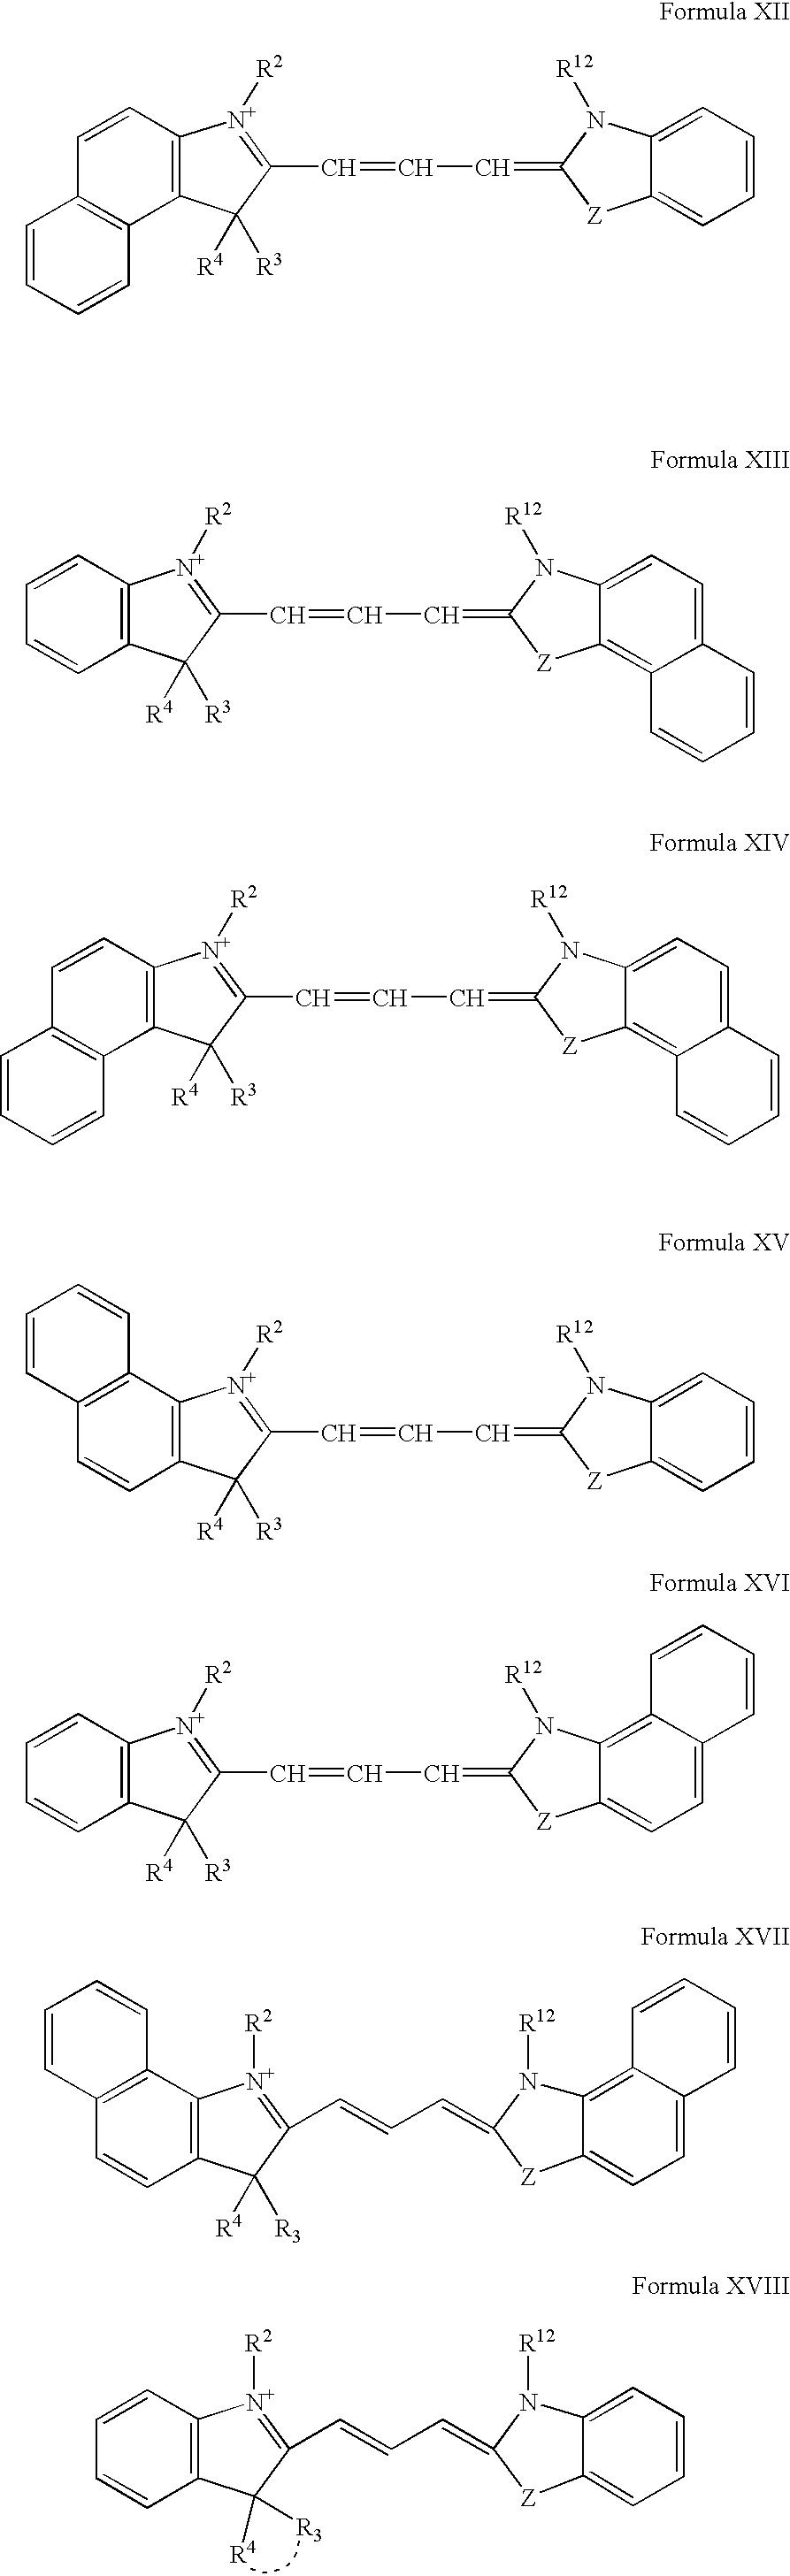 Figure US20060004188A1-20060105-C00009